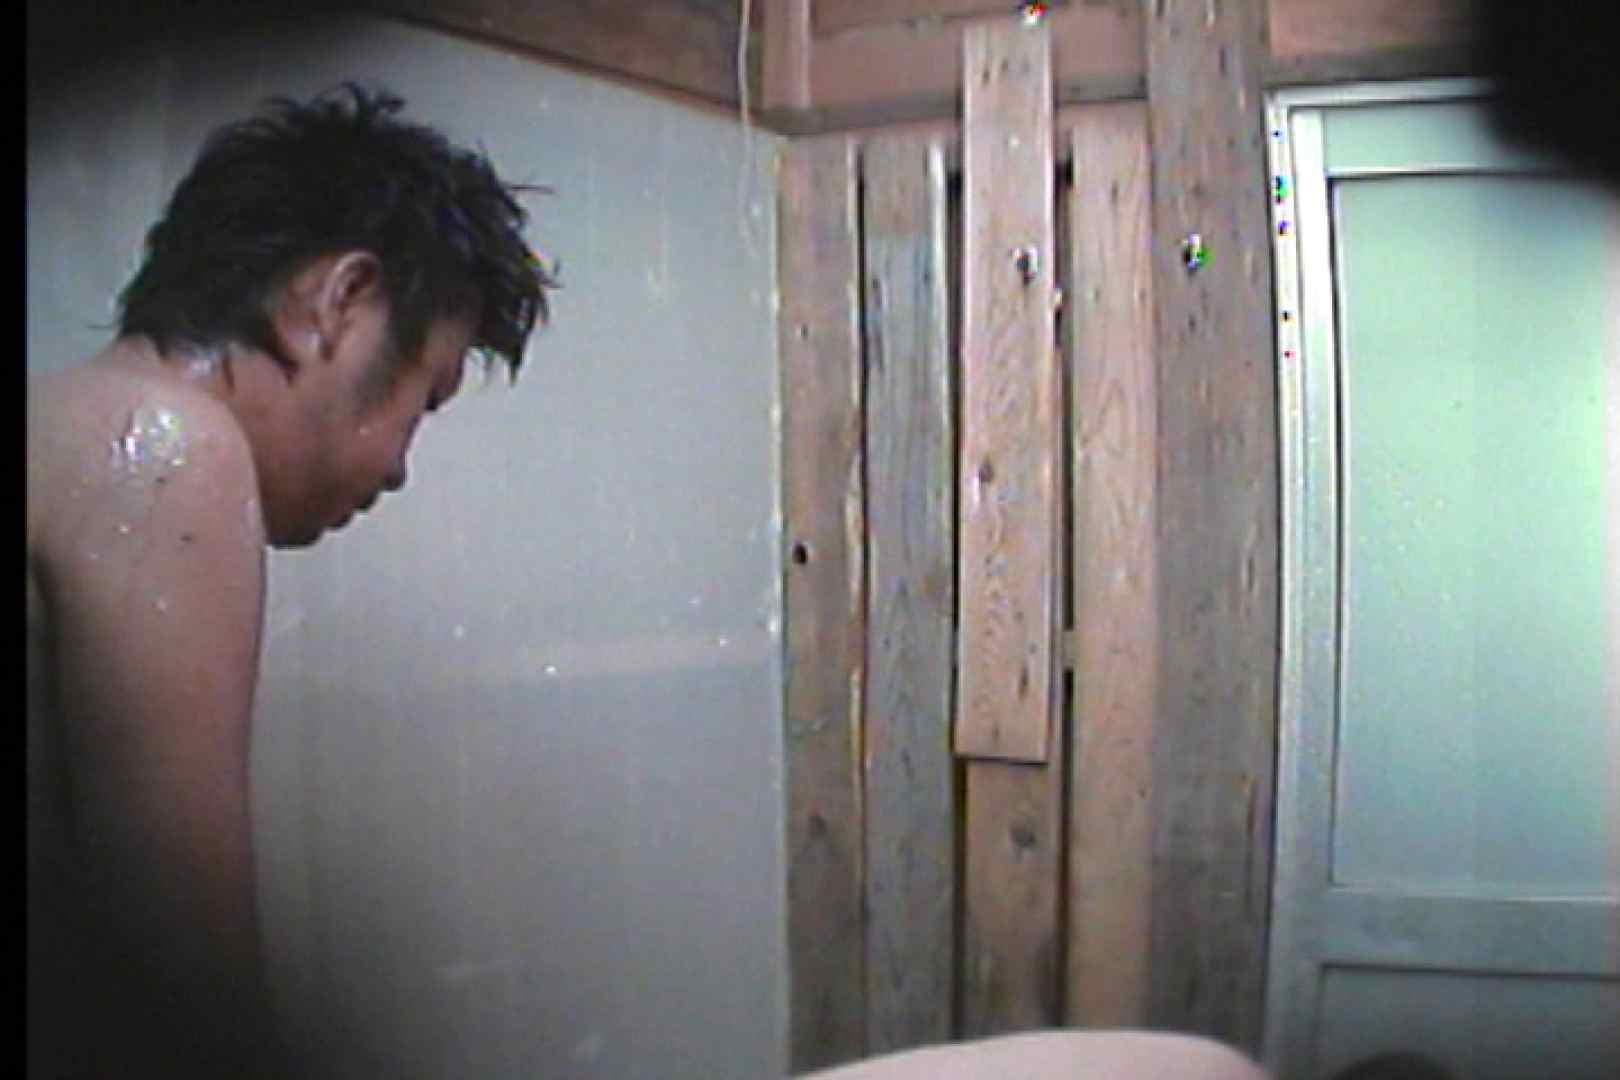 海の家の更衣室 Vol.33 丸見え オメコ動画キャプチャ 110枚 32